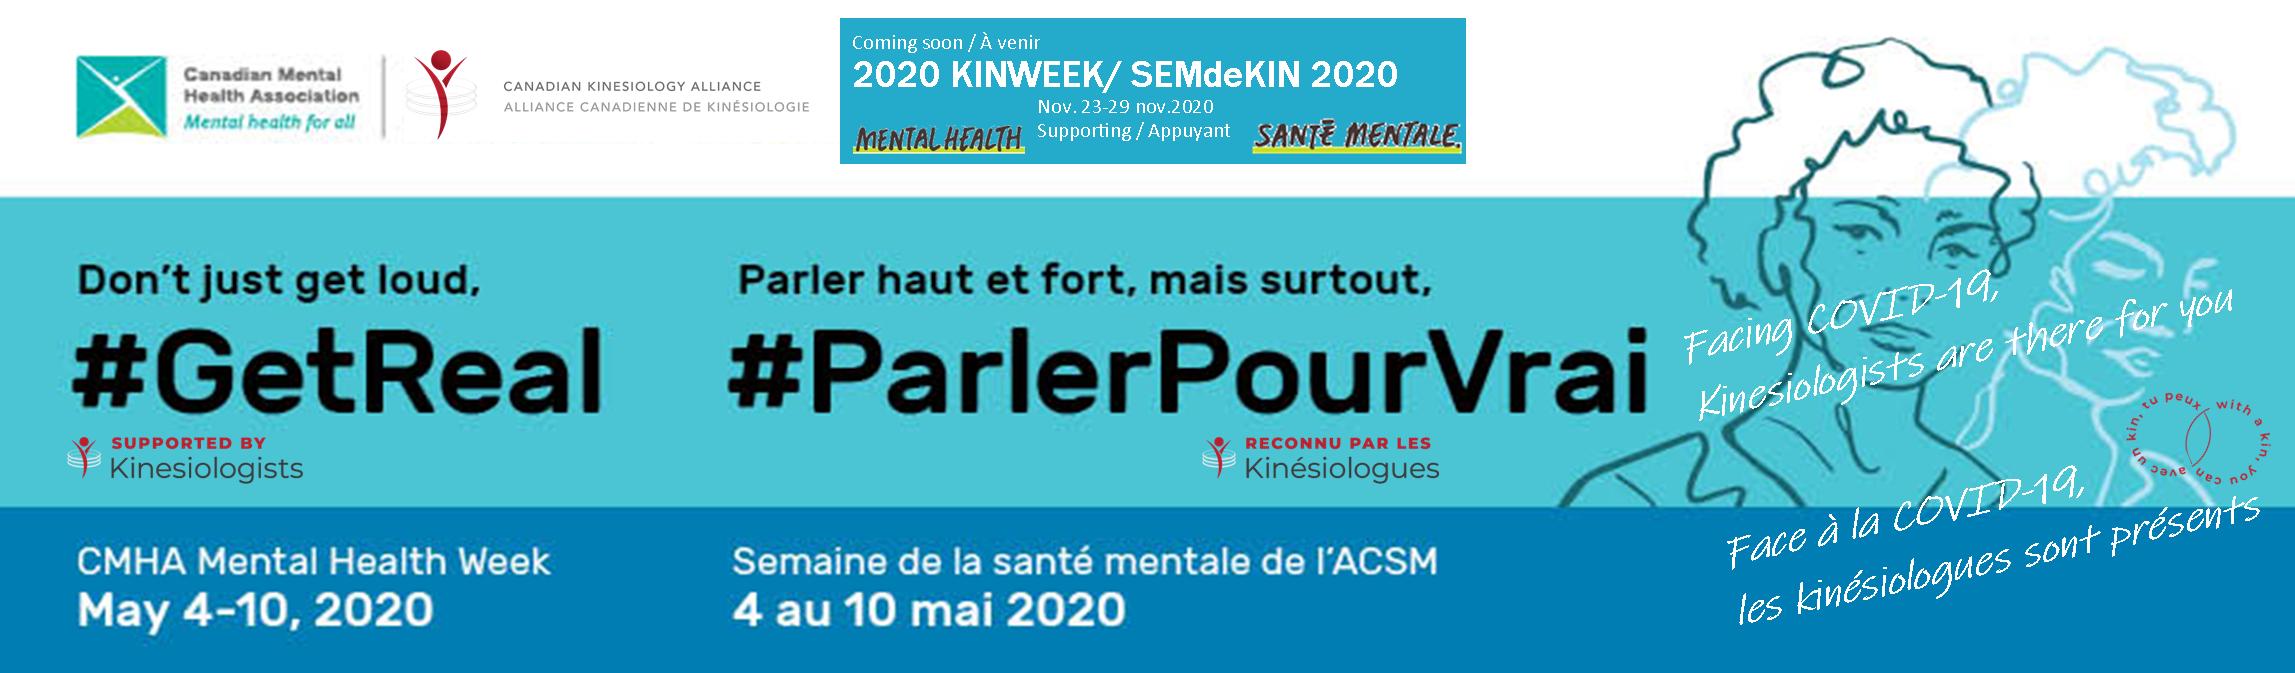 L'Alliance canadienne de kinésiologie en appui à la Semaine de la santé mentale